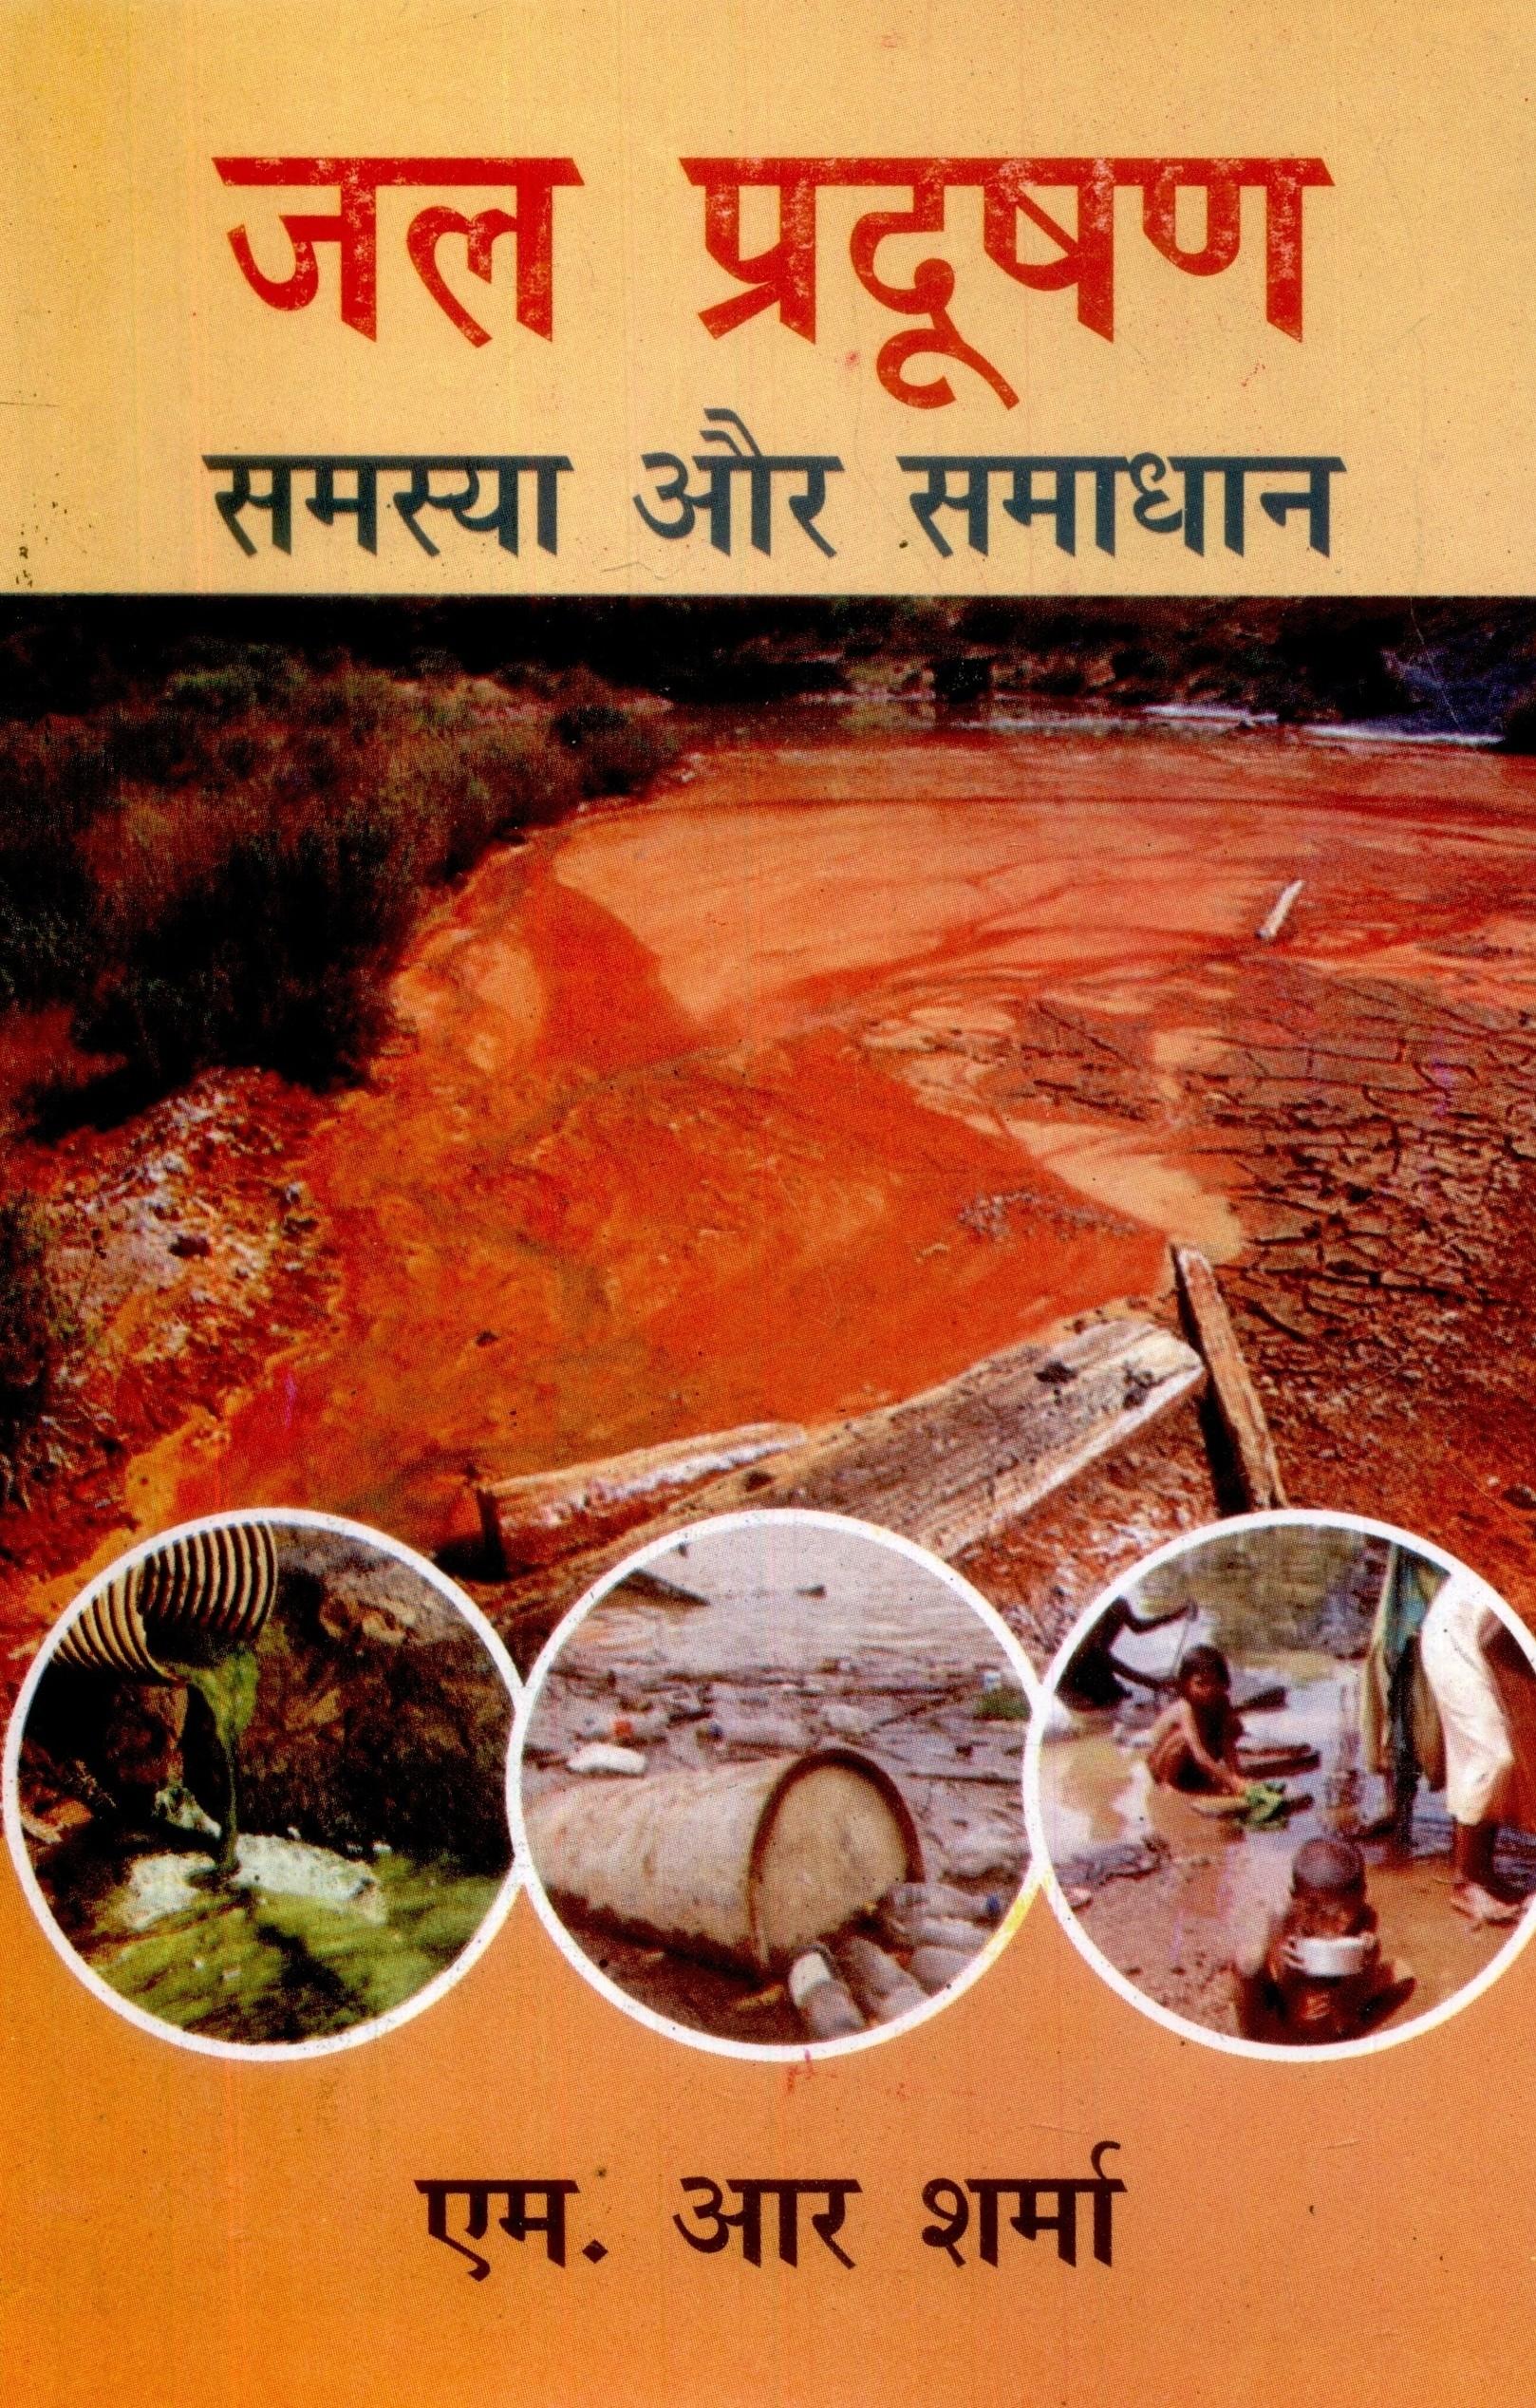 pradushan ki samasya essay प्रदूषण की समस्या निबंध (pradushan ek samasya essay in hindi) here is an essay of environmental pollution (pradushan ki samasya per nib.